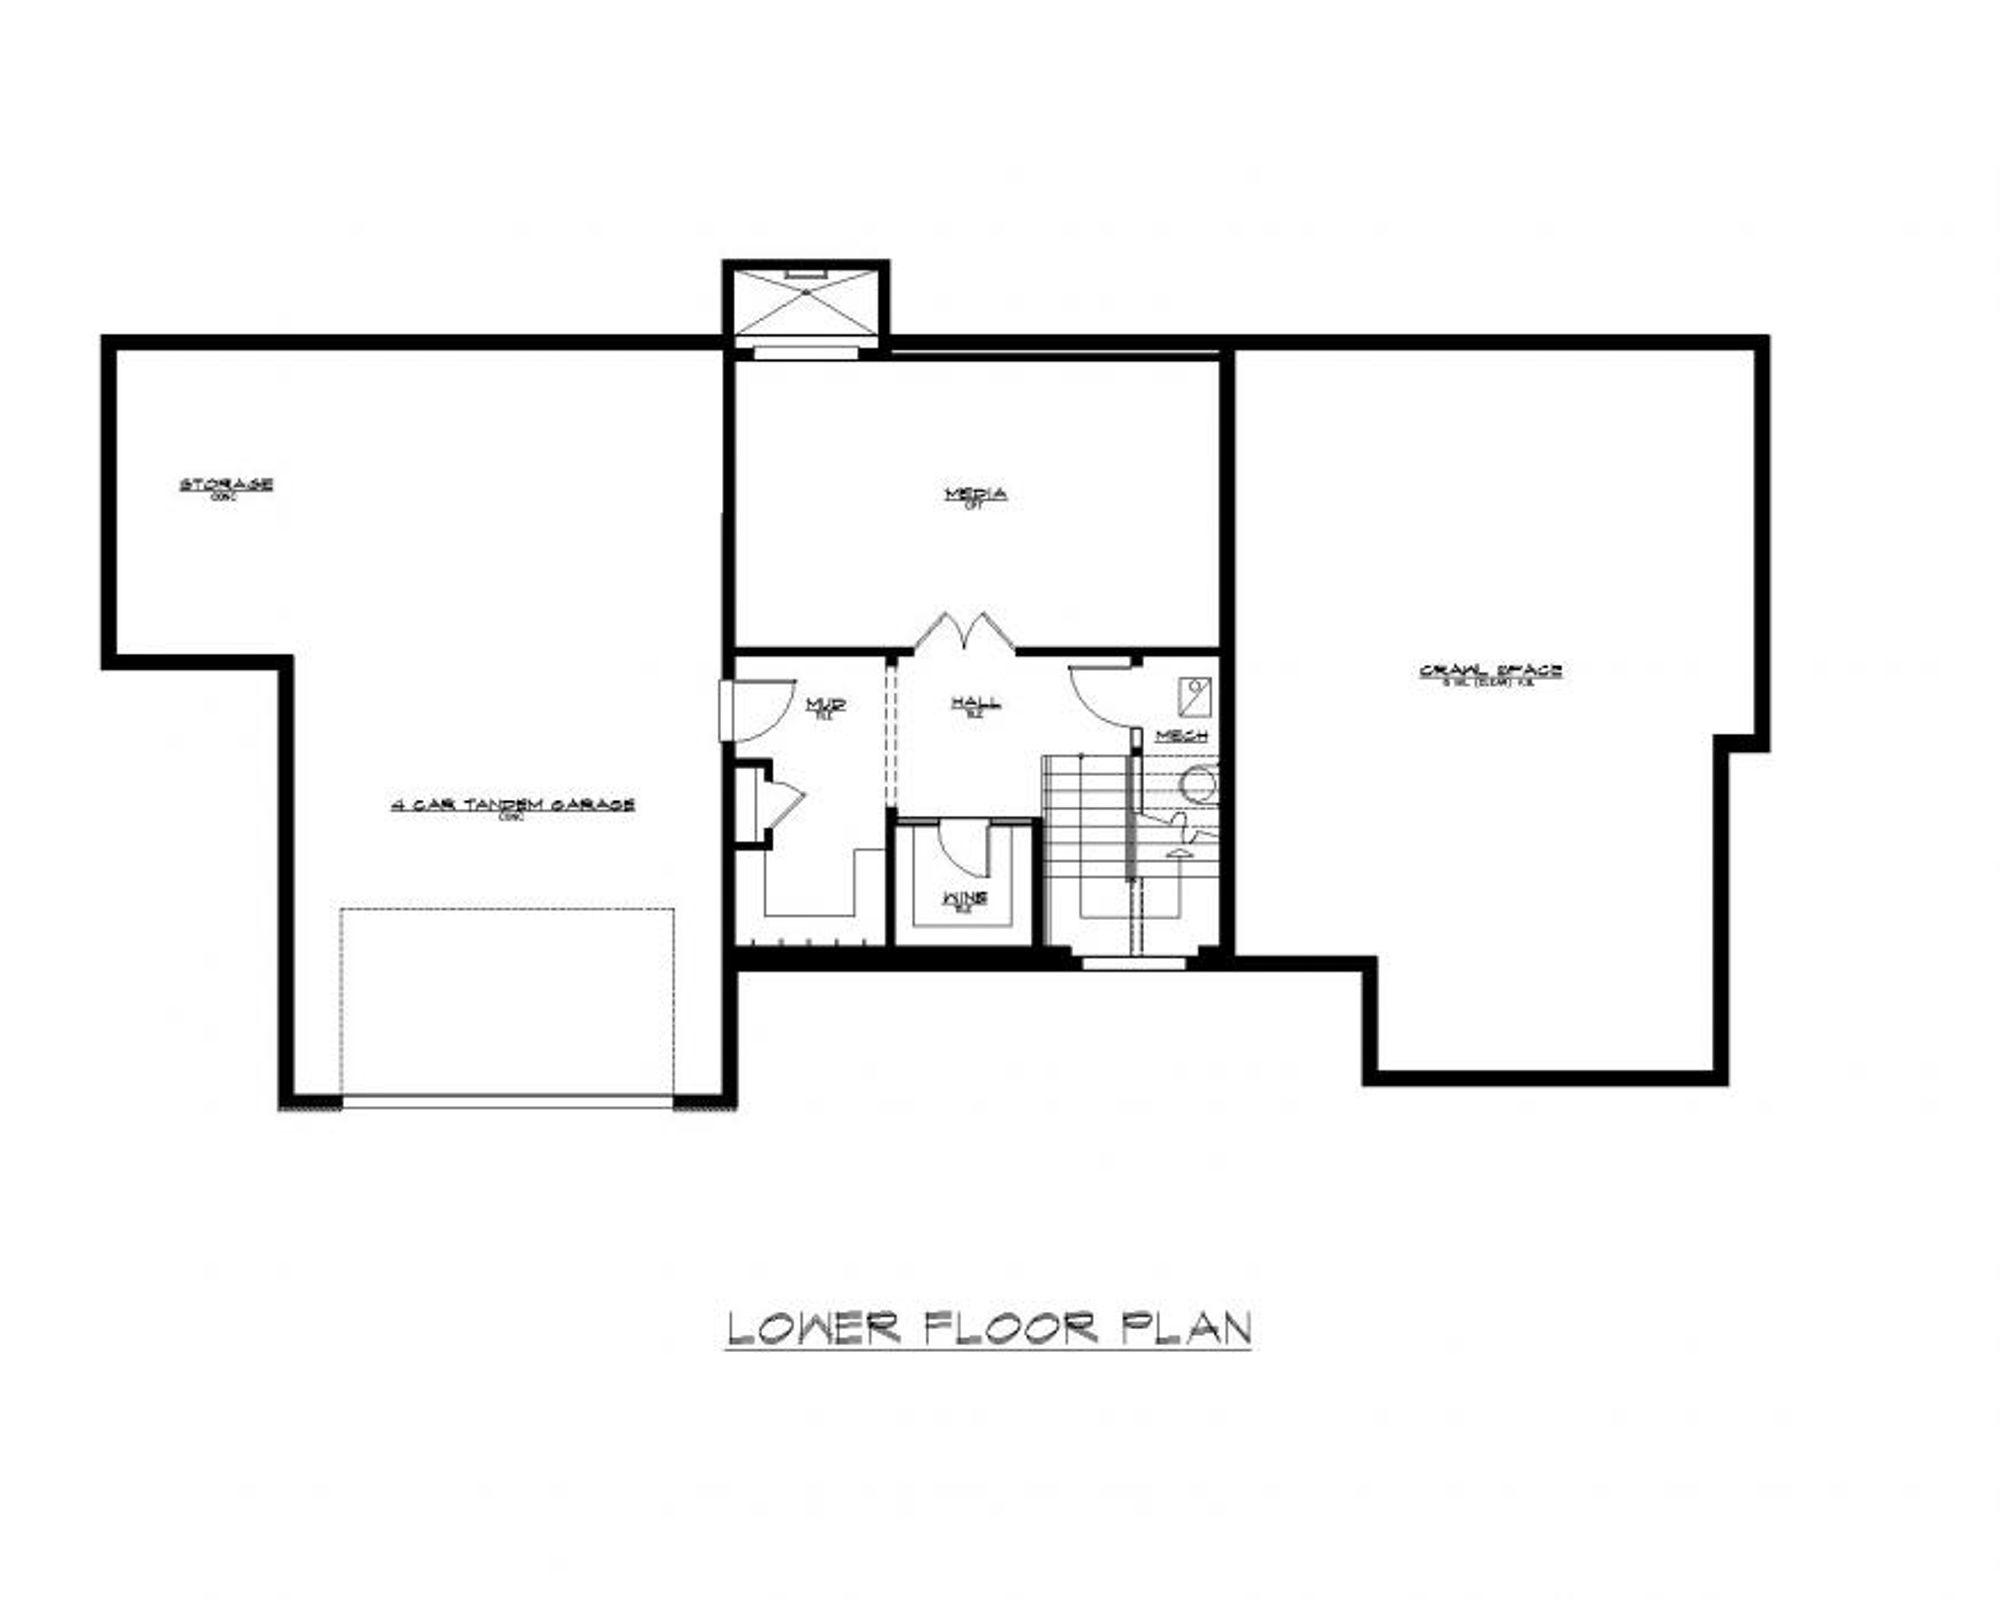 Monza B Lower Floor Plan